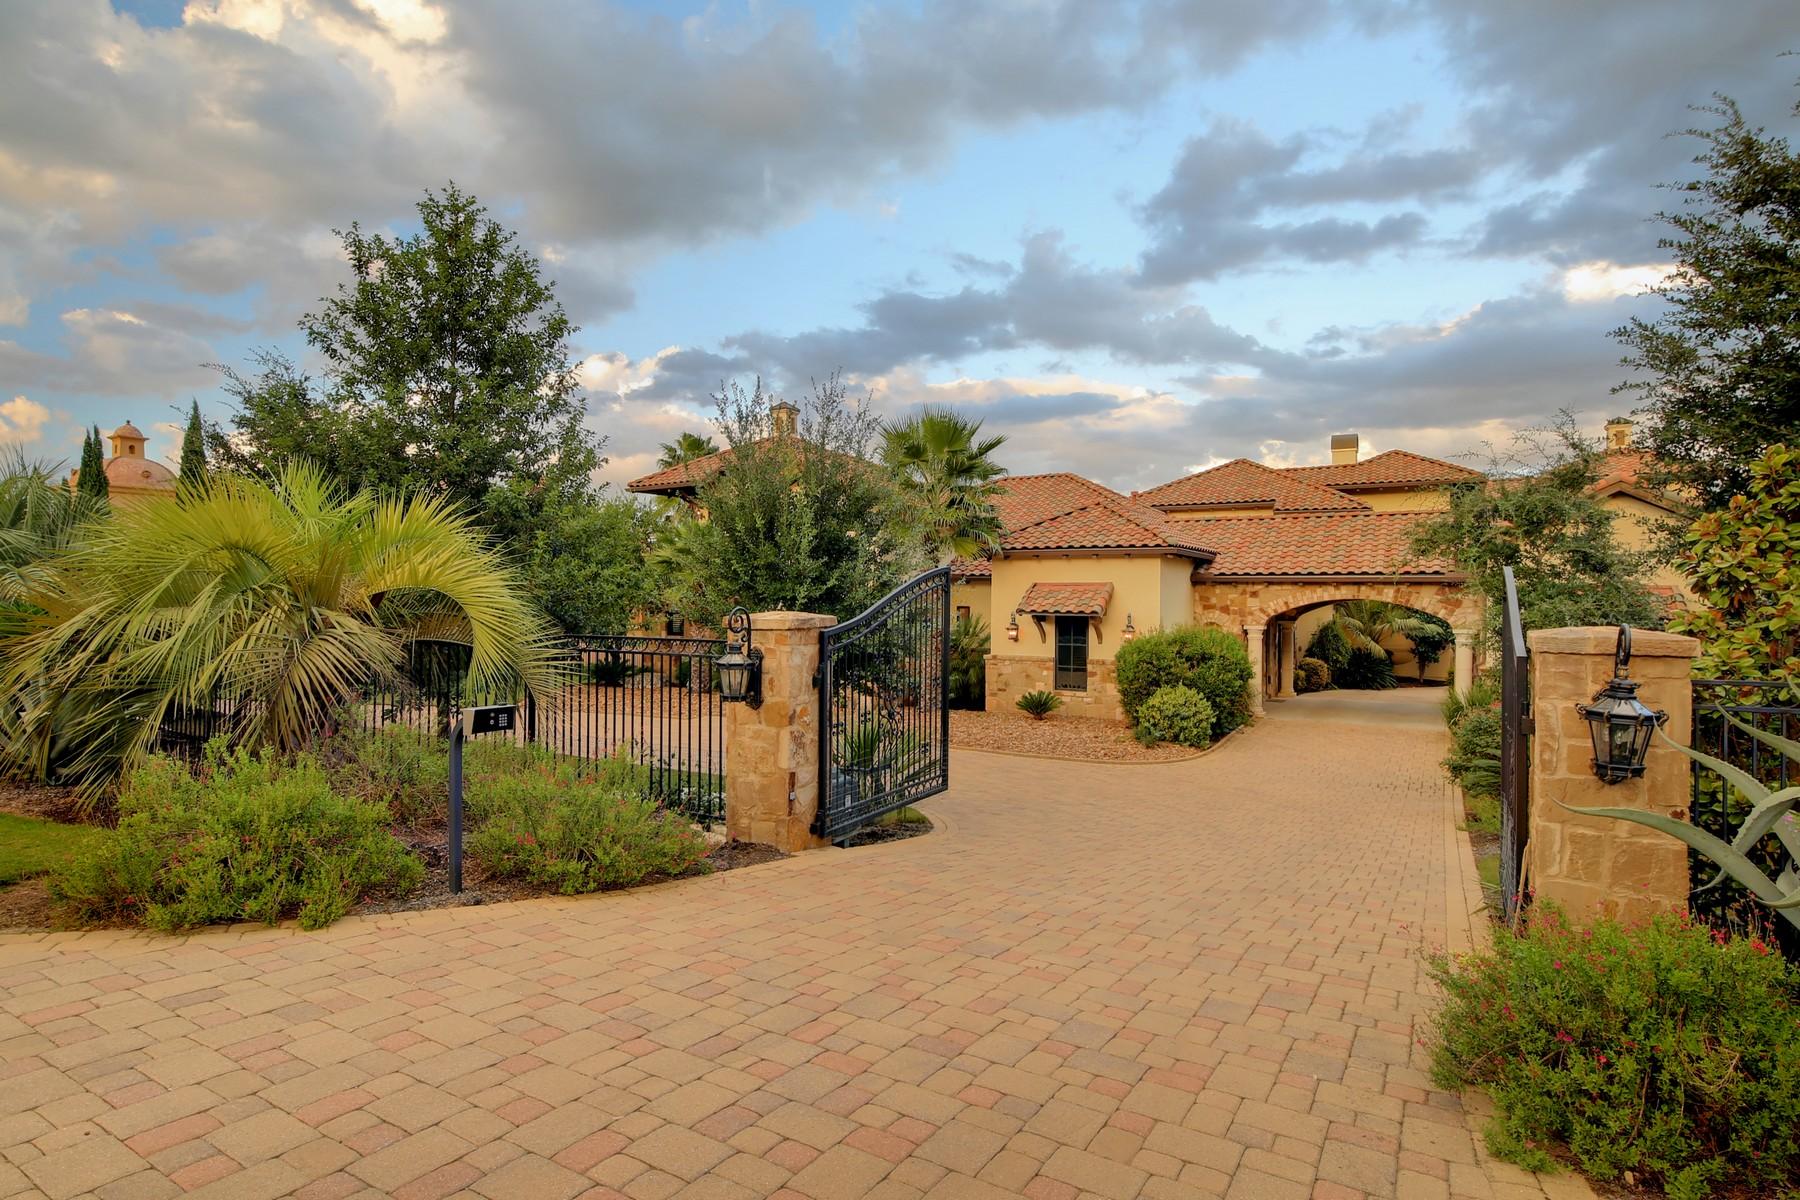 Moradia para Venda às Mediterranean Villa with Sweeping Views 9113 Camelback Dr Austin, Texas, 78733 Estados Unidos